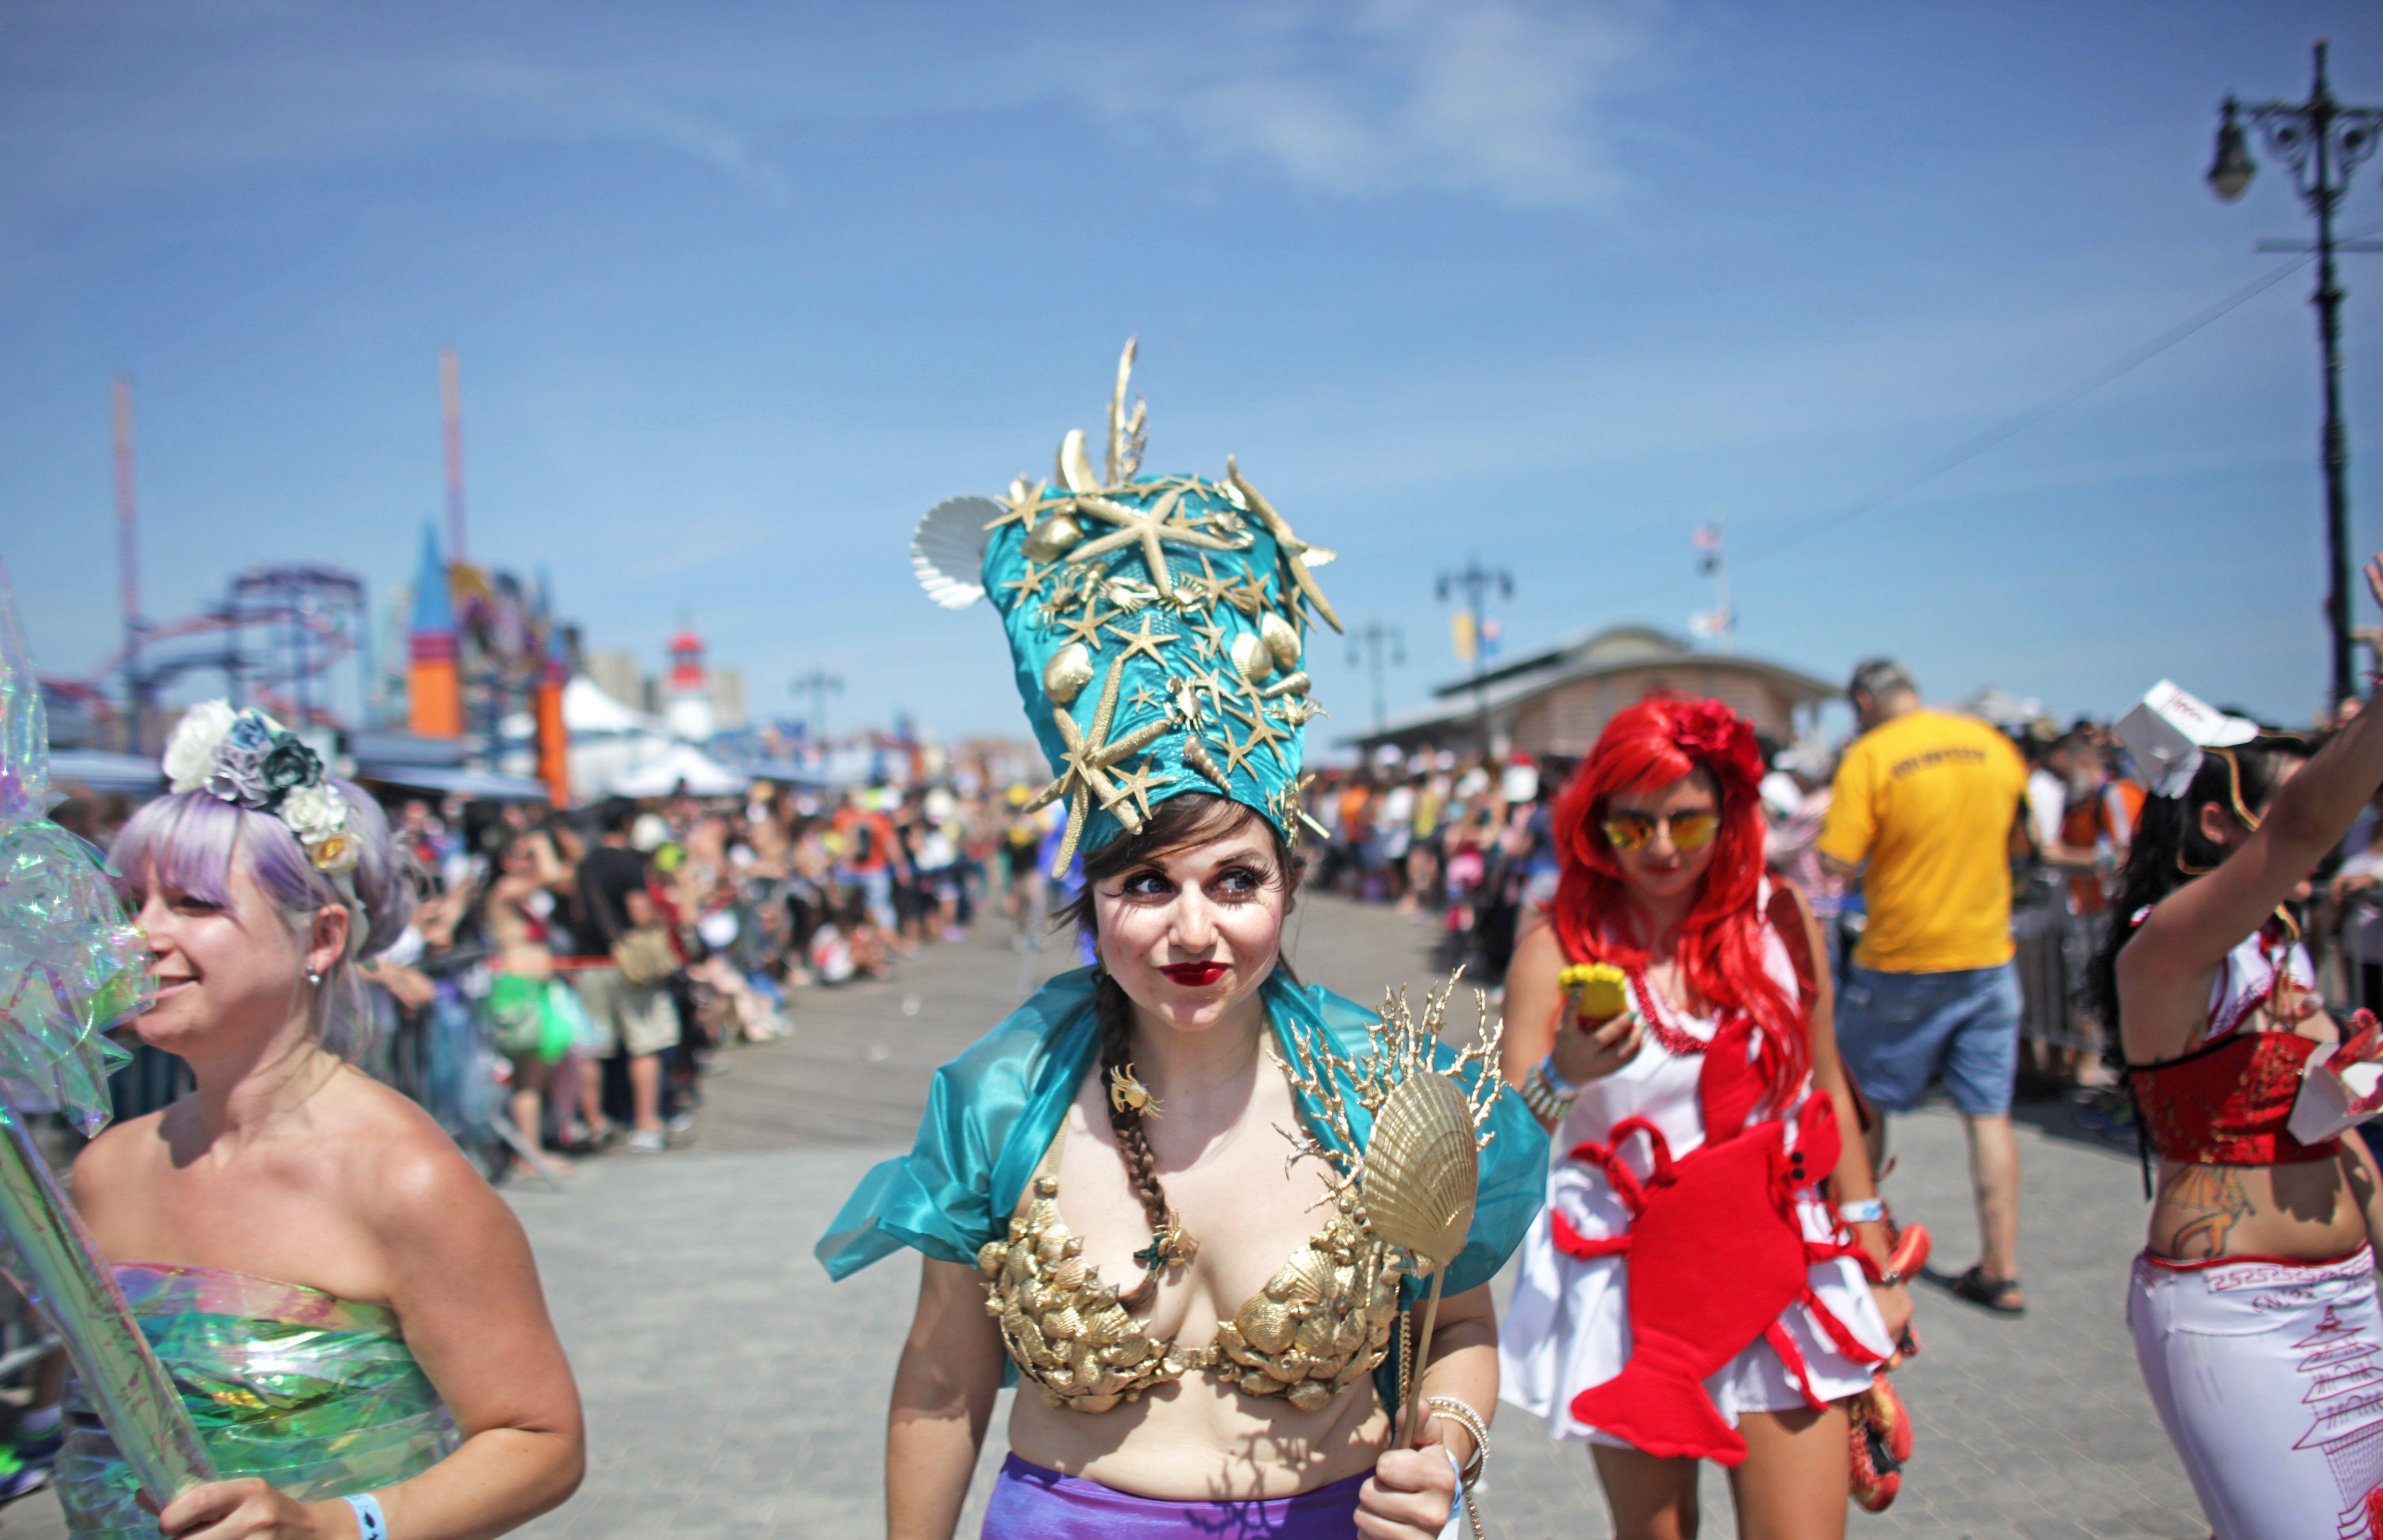 Desfile anual de sirenas Celebrada en Coney Island